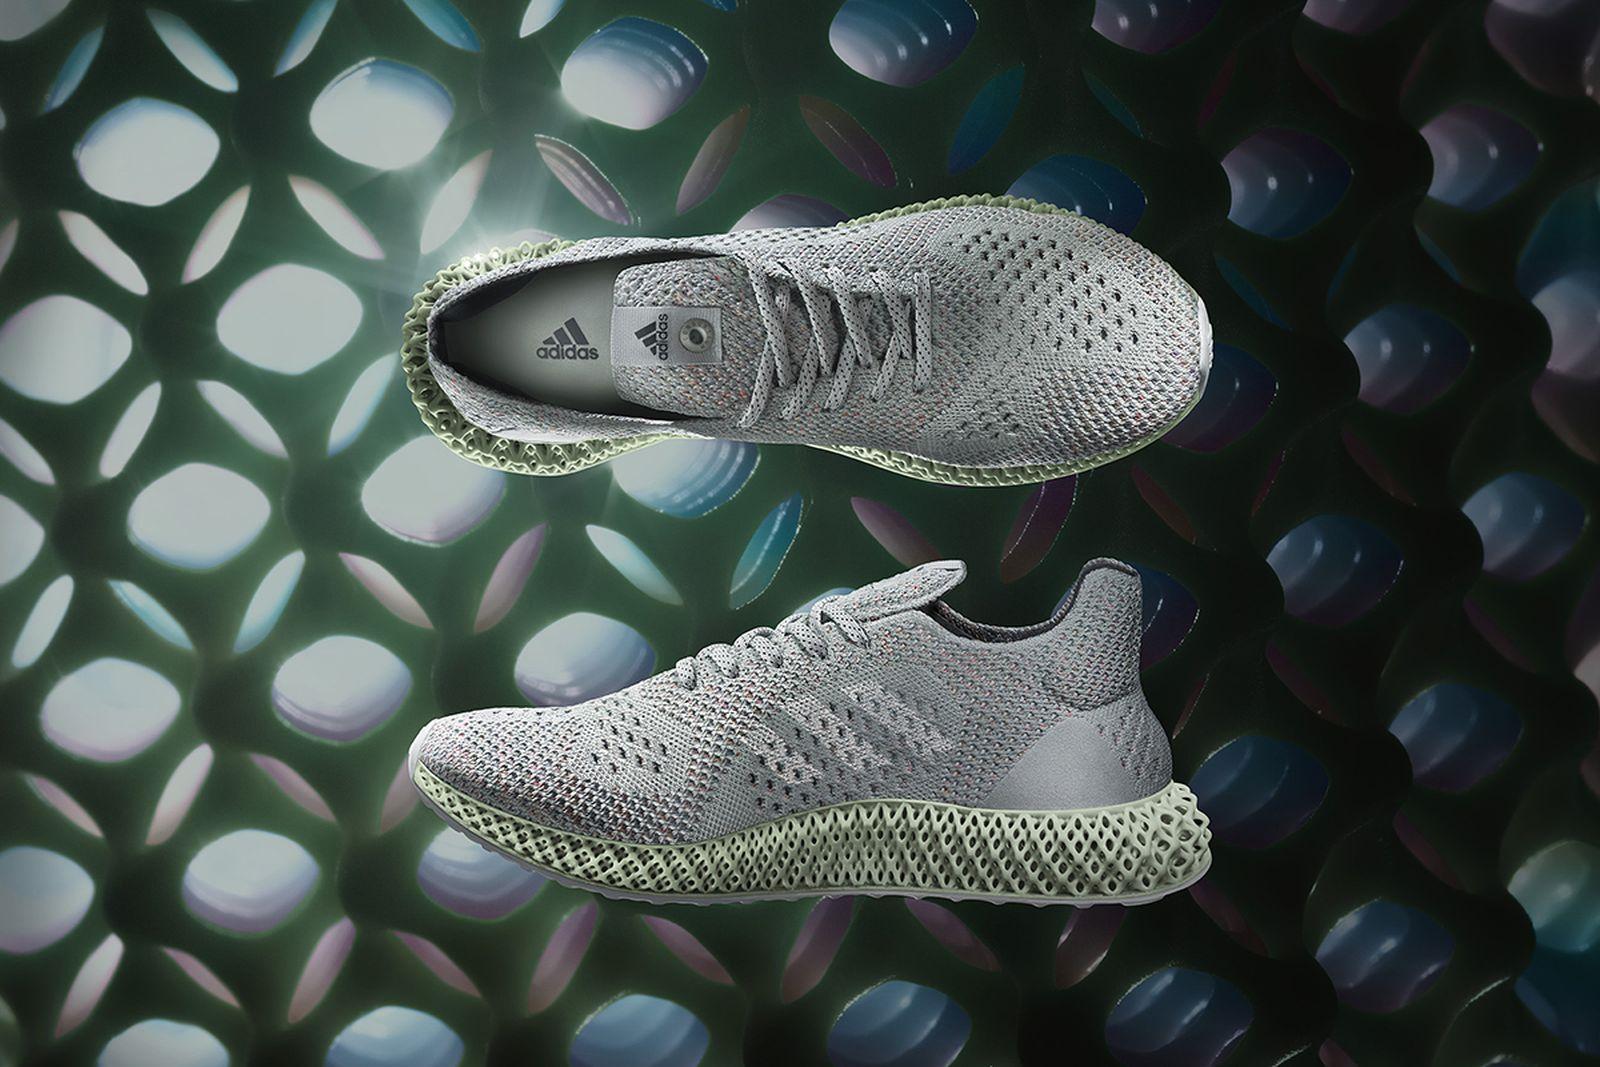 invincible adidas consortium 4d release date price adidas Futurecraft 4D